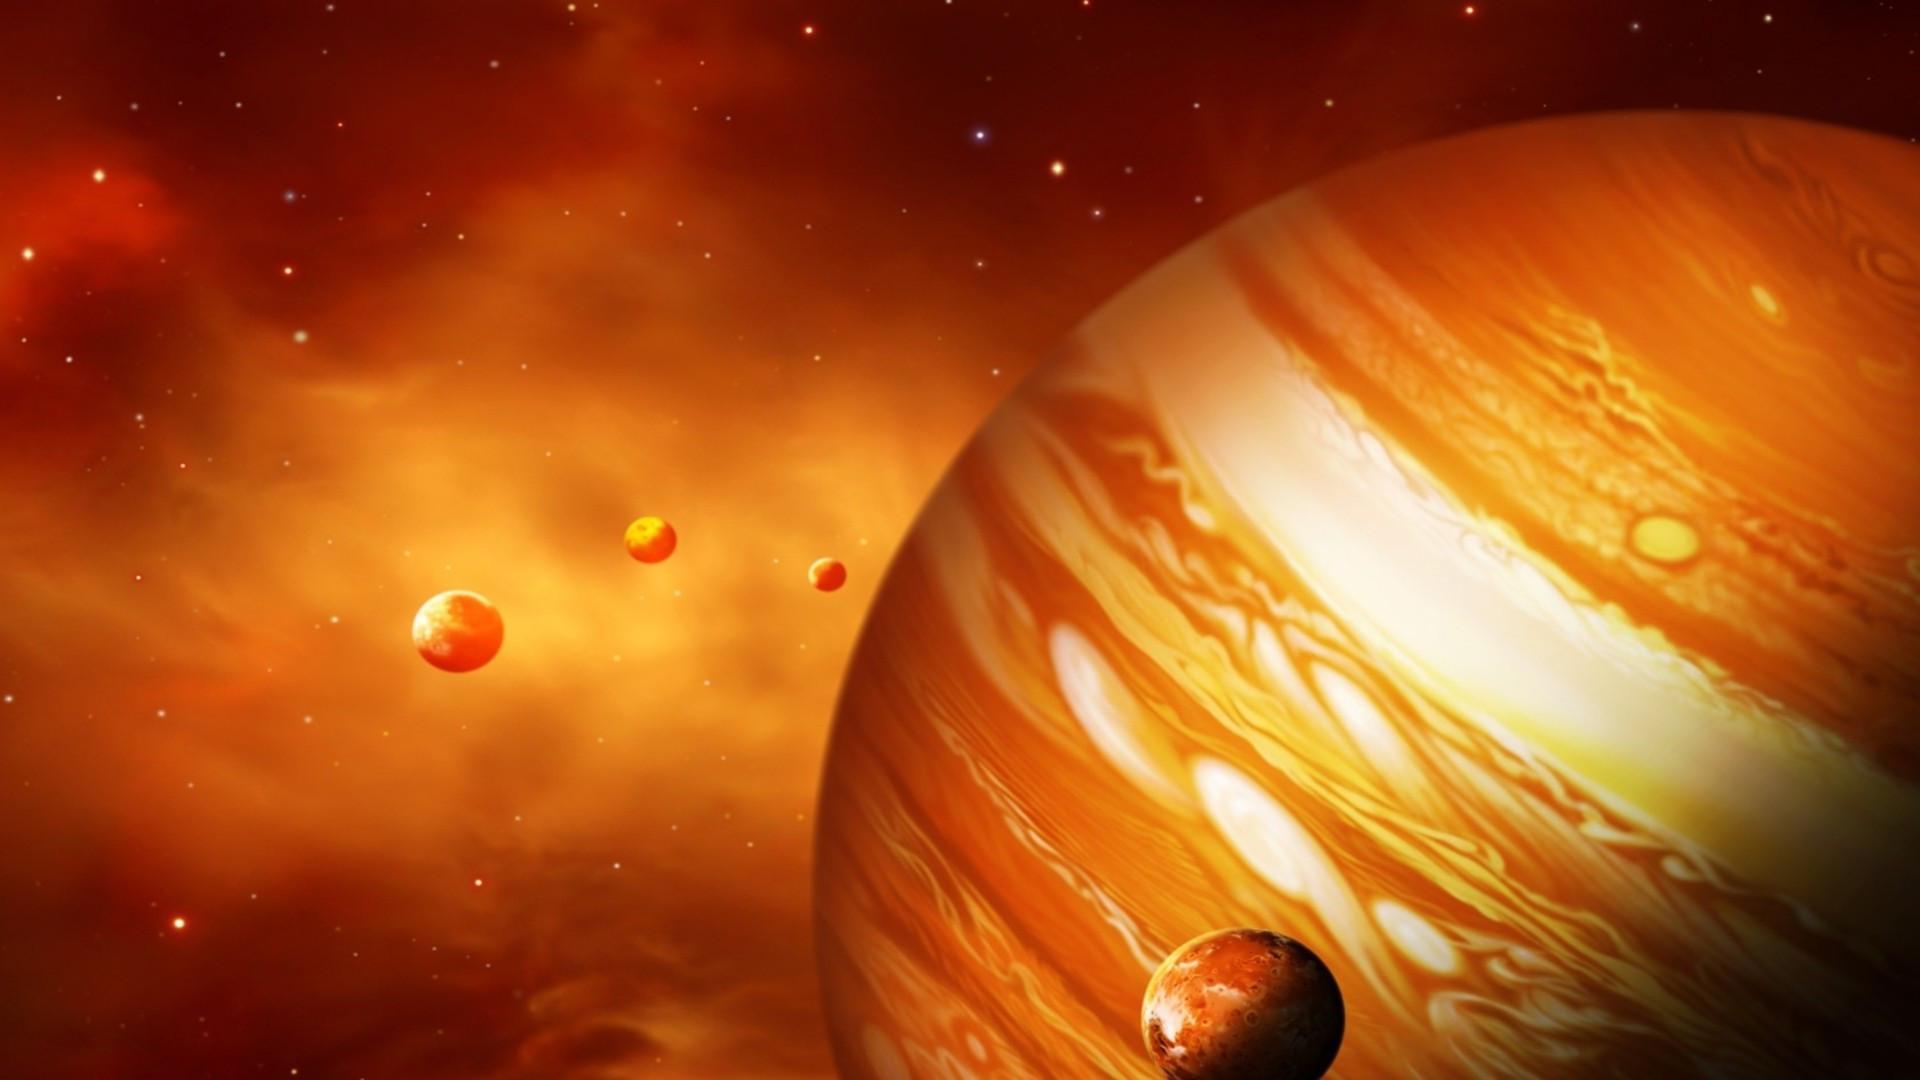 Ученые: Жизнь на Земле возникла благодаря миграции планет